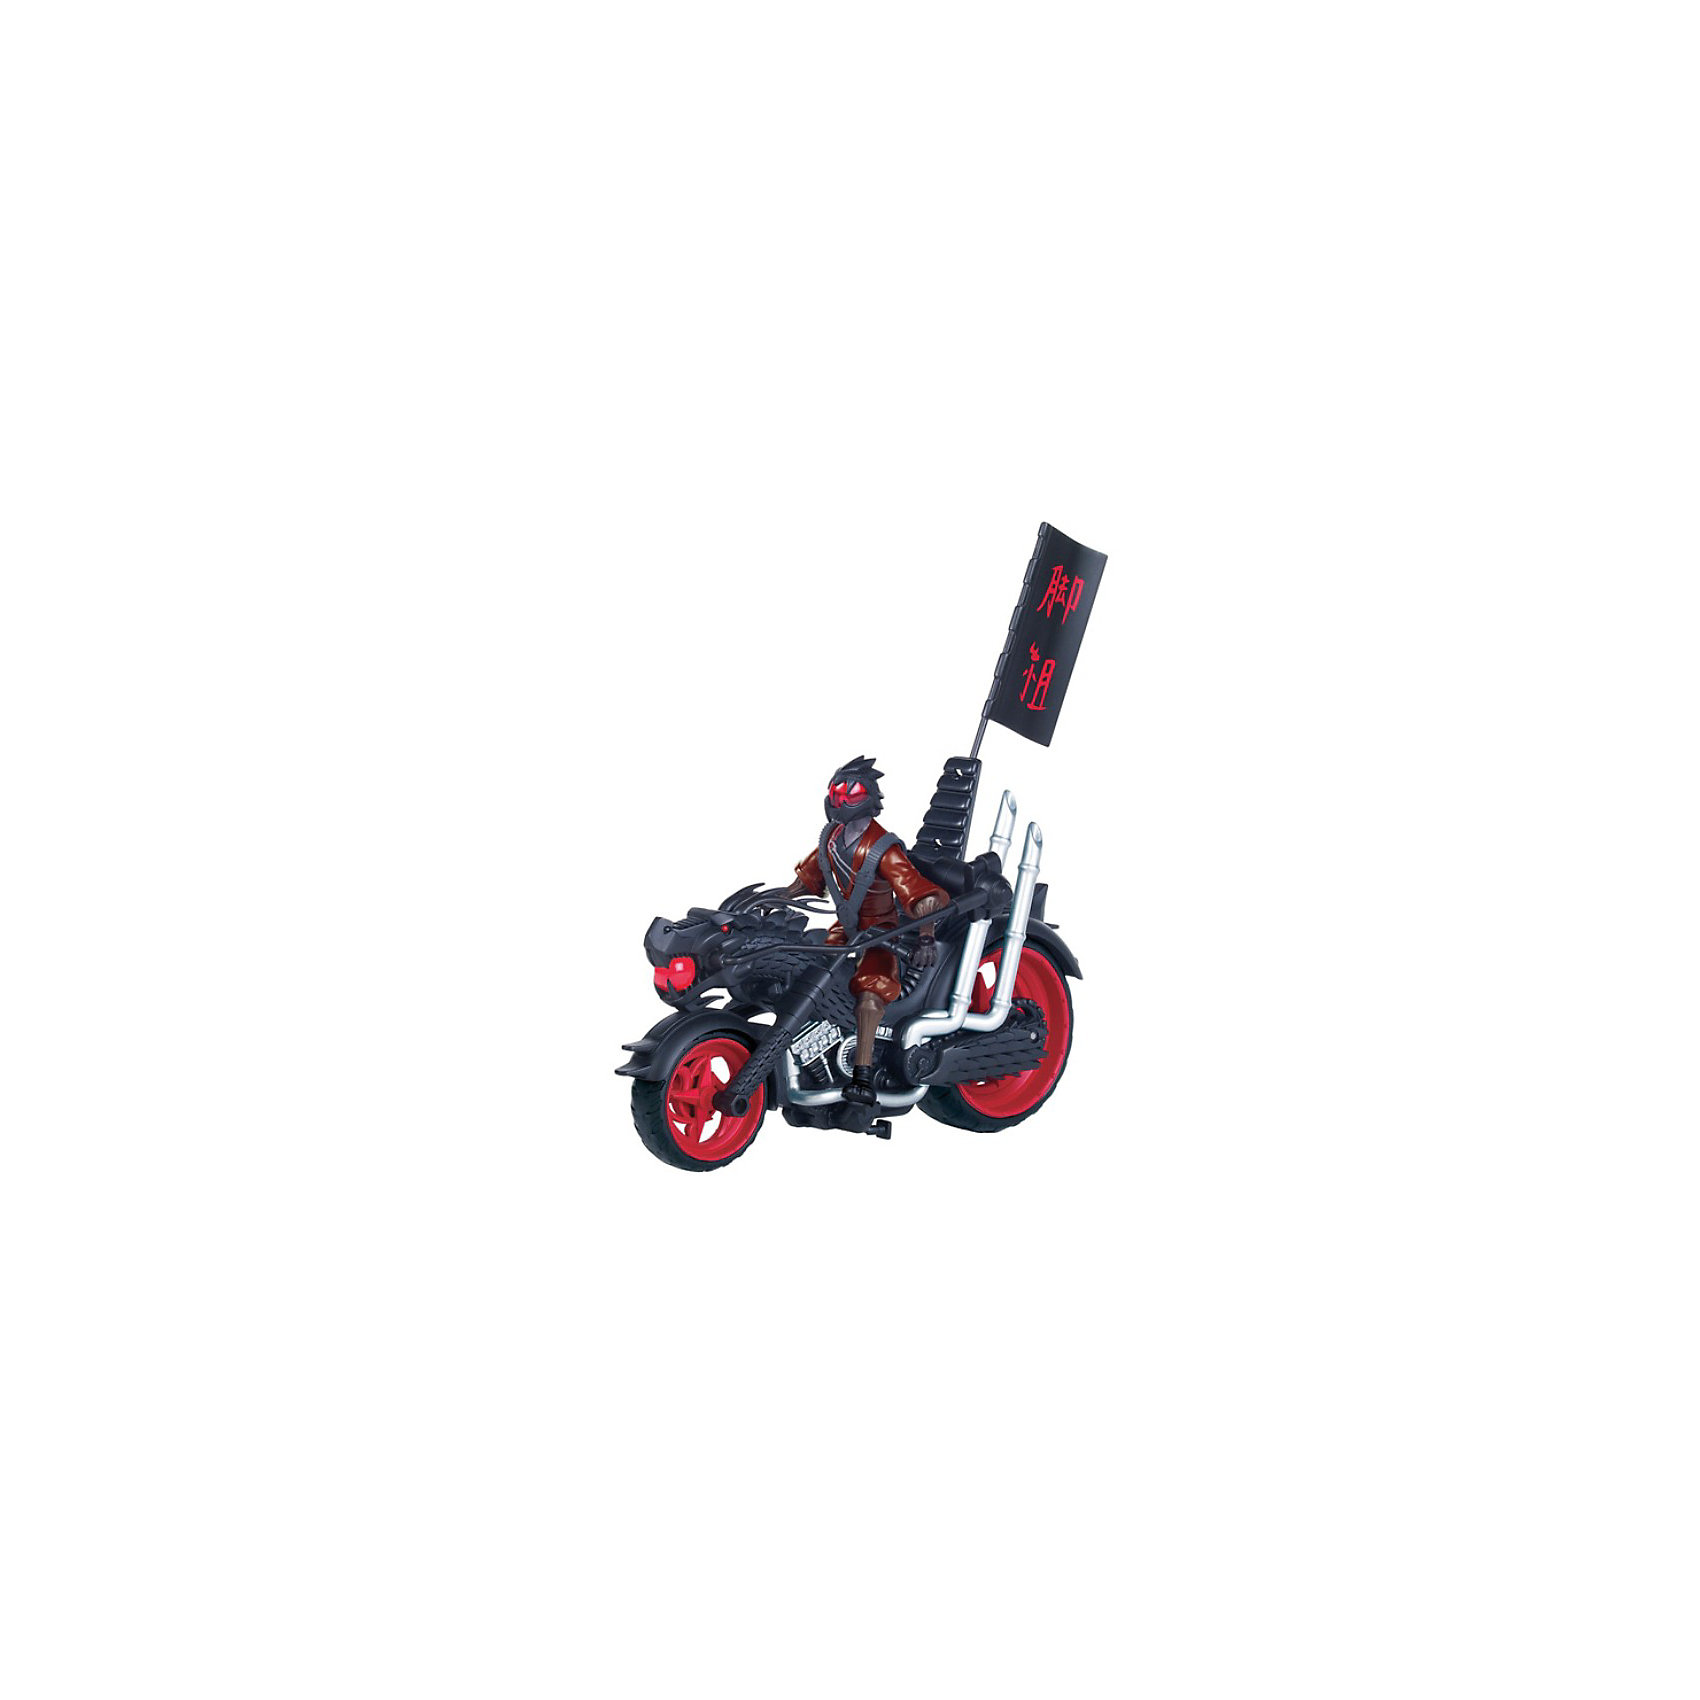 Мотоцикл с фигуркой Черепашки НиндзяМотоцикл клана Фут с катапультой - он станет отличным подарком для всех поклонников популярного мультсериала Черепашки Ниндзя.<br><br>Достаточно нажать на кнопку в задней части мотоцикла, и фигурка катапультируется из седла, сделает сальто на 360° и приземлится прямо на ноги.<br>В наборе эксклюзивная фигурка Фега - война дракона. <br><br>Дополнительная информация:<br><br>- В комплект входит: транспортное средство с катапультой, 1 фигурка.<br>- Материал: пластмасса.<br>- Мотоцикл также подходит для базовых фигурок Черепашек, арт. 3142479<br>- Размер упаковки – 22х45х35 см., размер фигурки около 12.5 см<br><br>Черепашки Ниндзя (Teenage Mutant Ninja Turtles) Мотоцикл с фигуркой можно купить в нашем магазине.<br><br>Ширина мм: 330<br>Глубина мм: 105<br>Высота мм: 190<br>Вес г: 873<br>Возраст от месяцев: 36<br>Возраст до месяцев: 144<br>Пол: Мужской<br>Возраст: Детский<br>SKU: 3142481